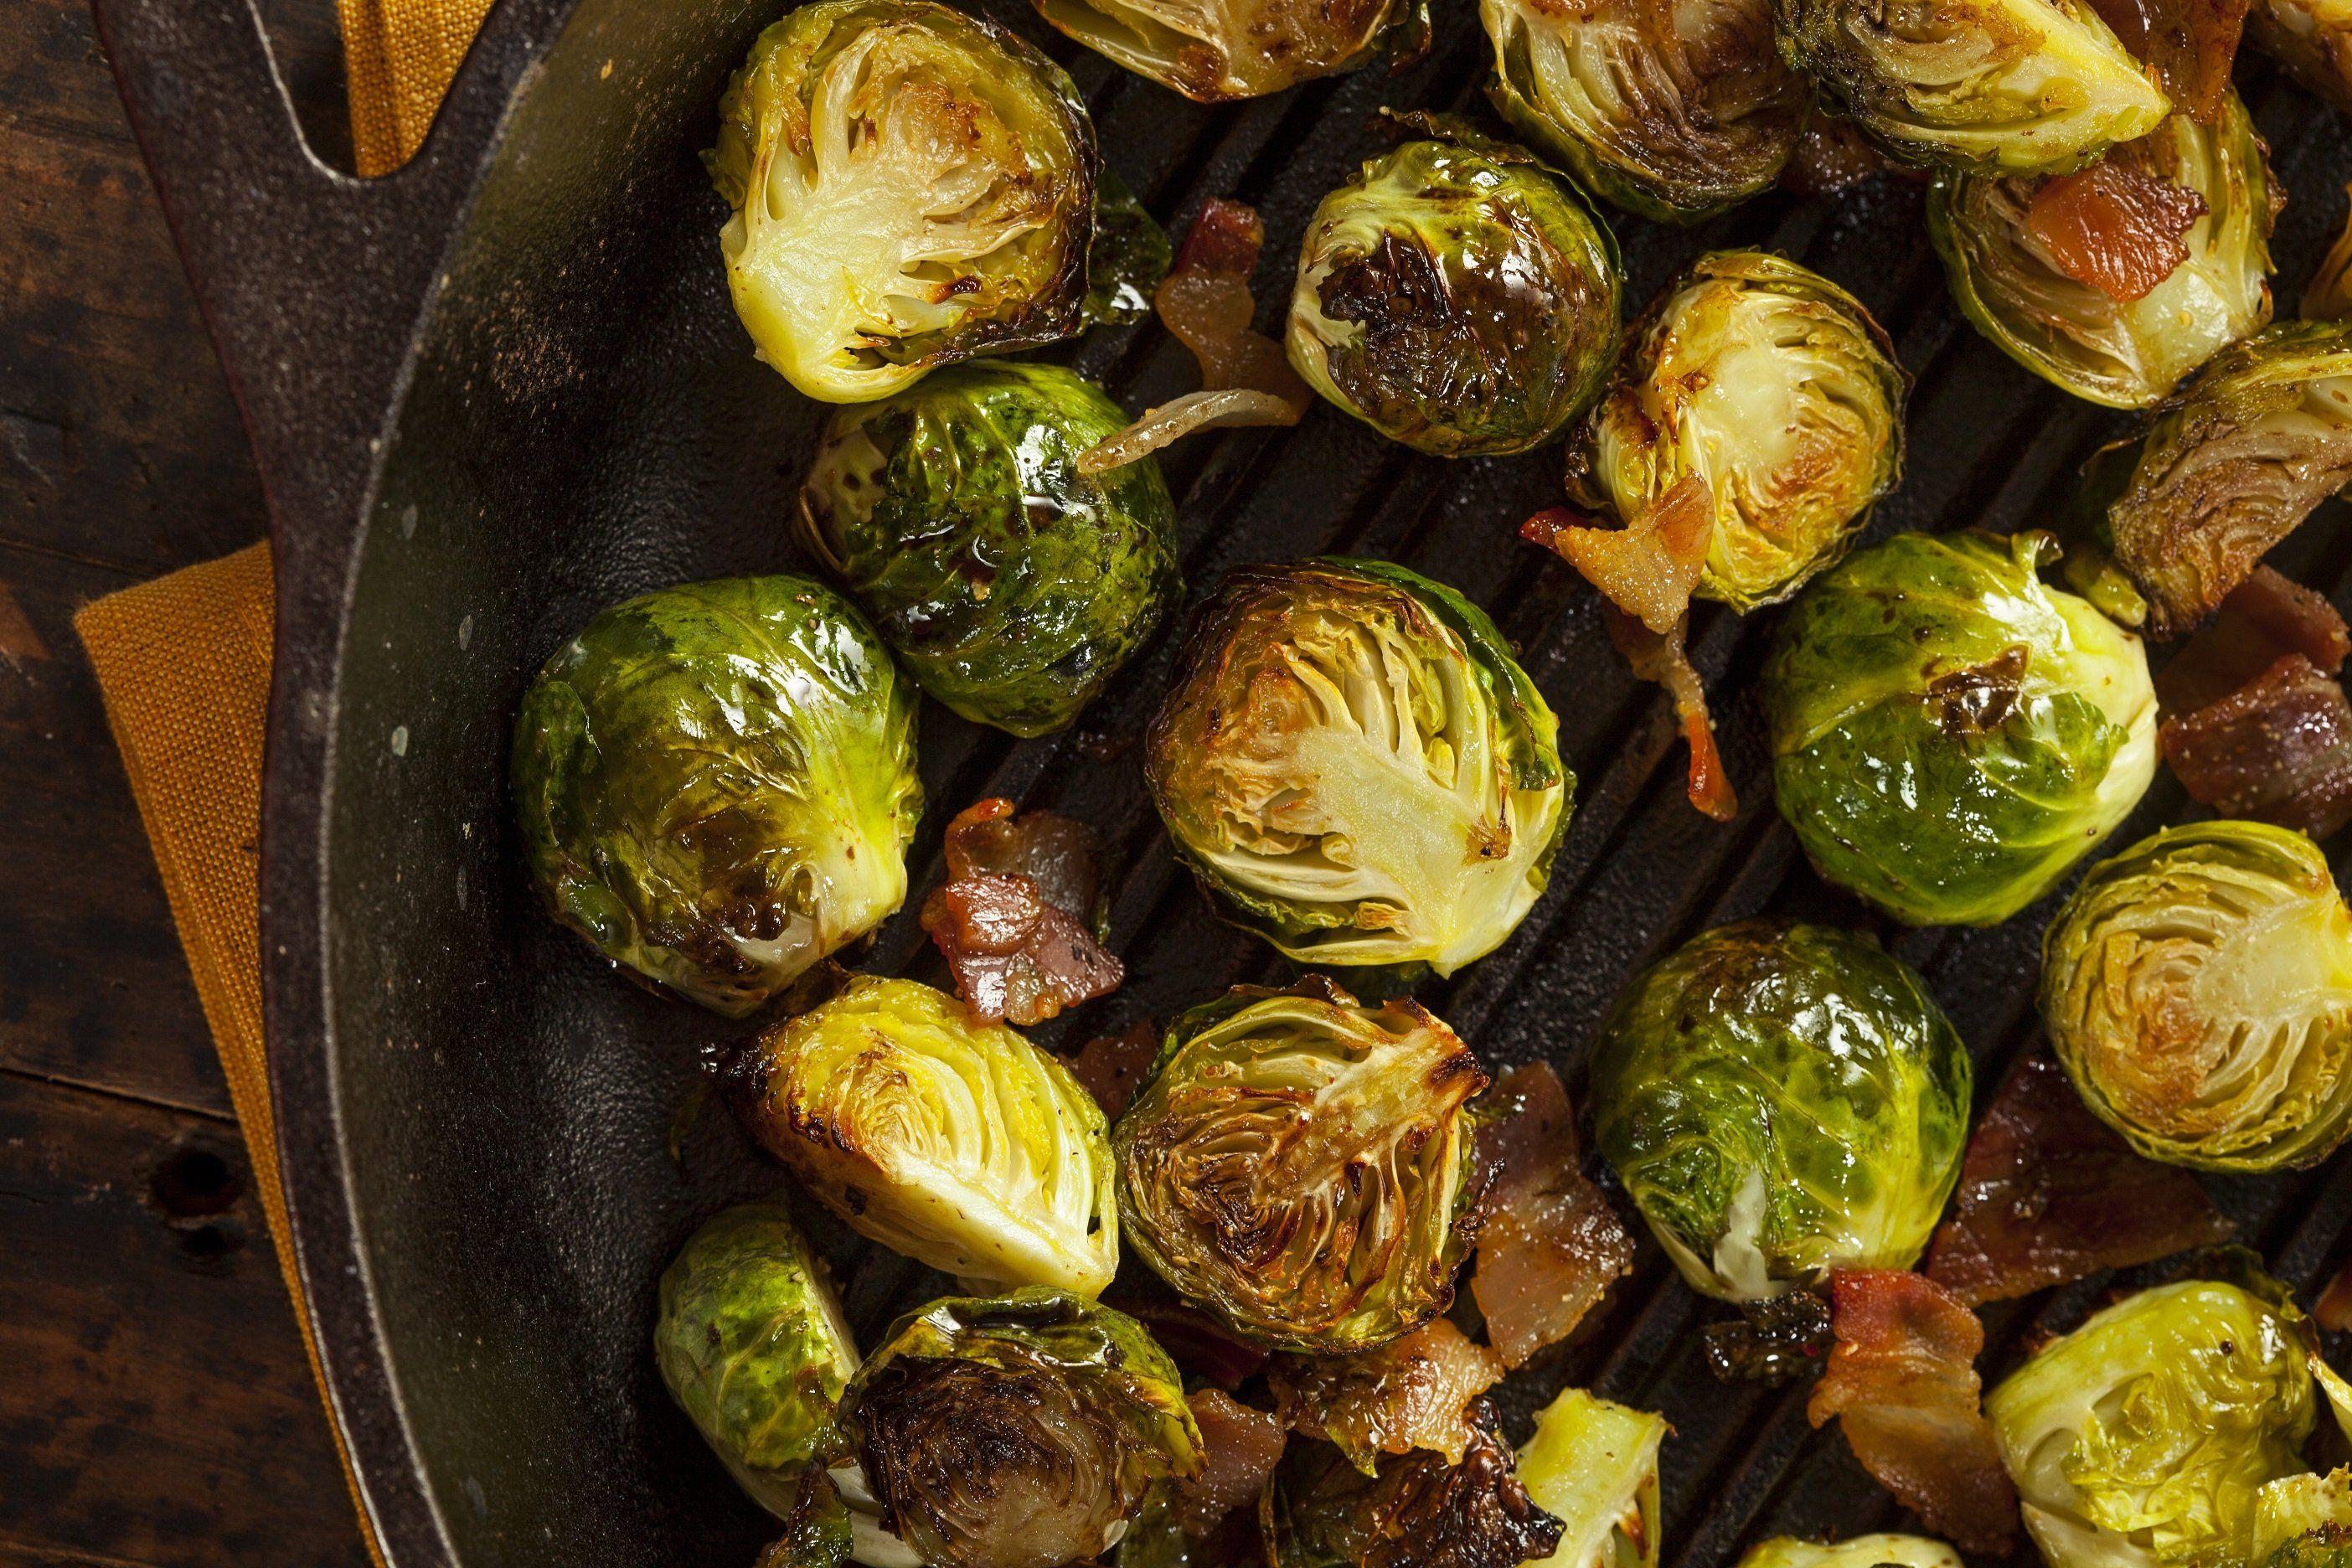 Festive Vegetables